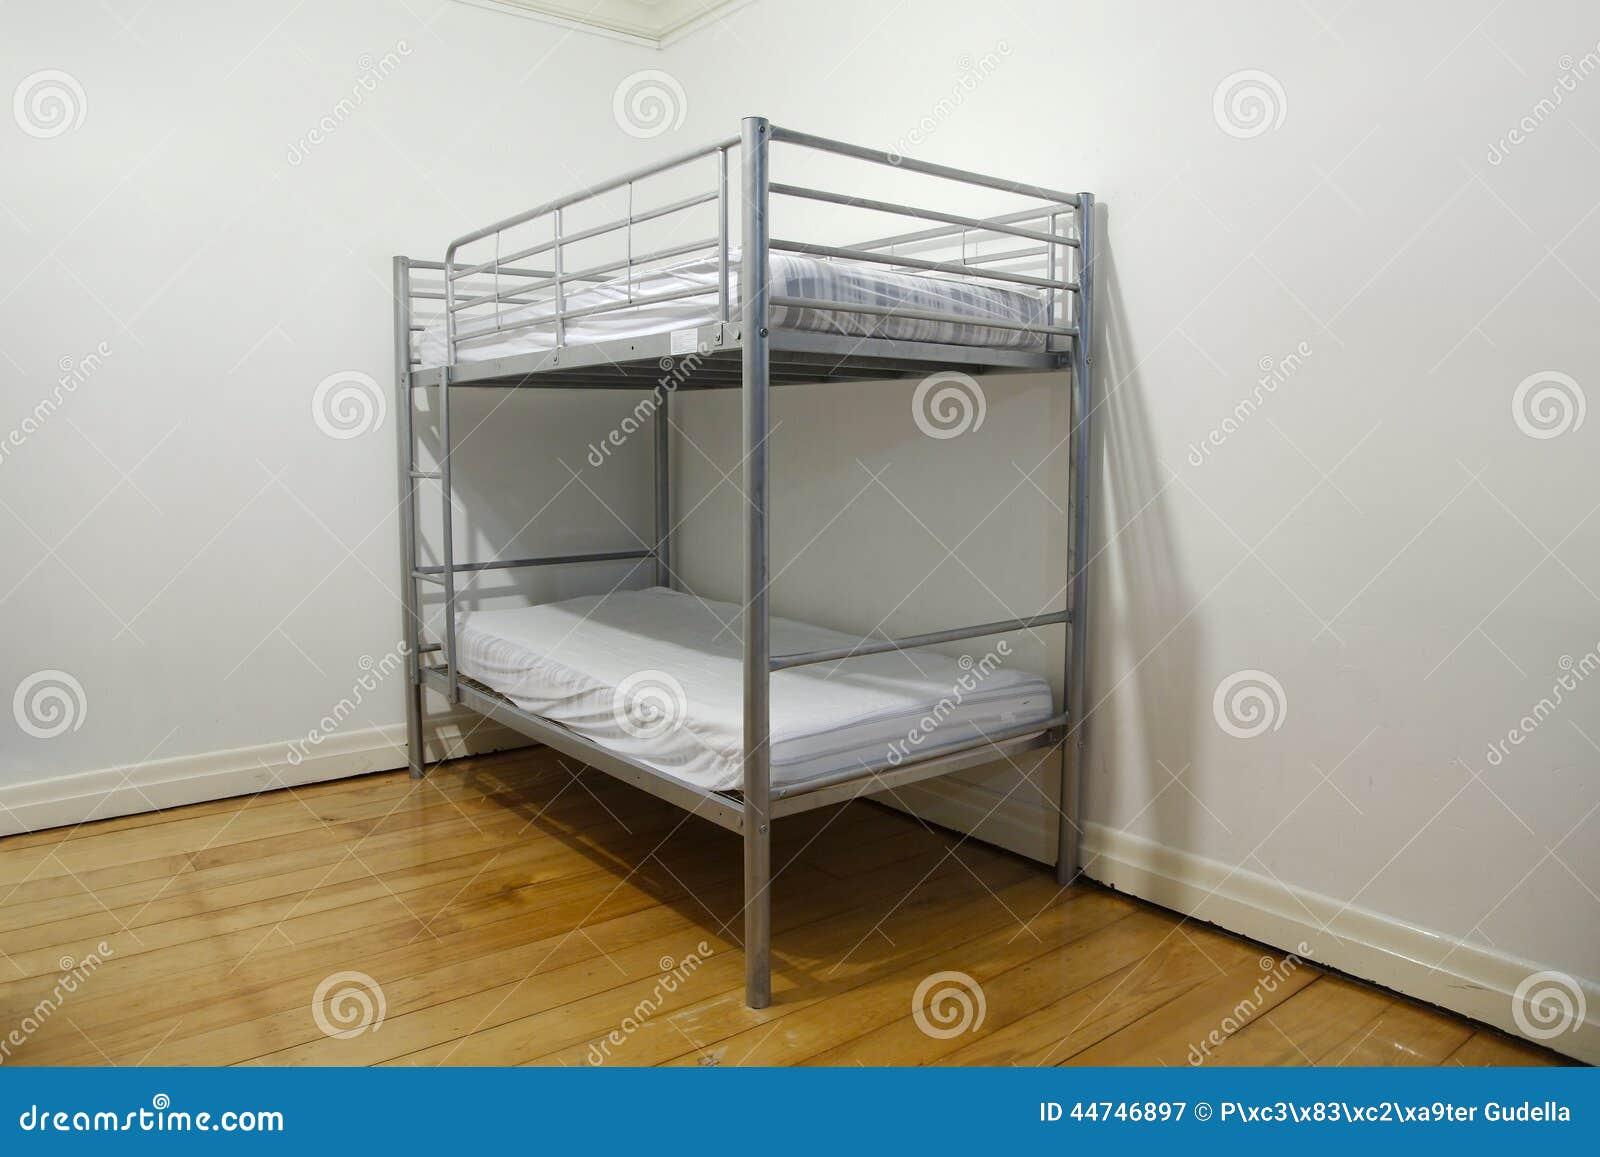 Etagenbett Ecke : Etagenbett stockbild. bild von möbel schutz billig 44746897